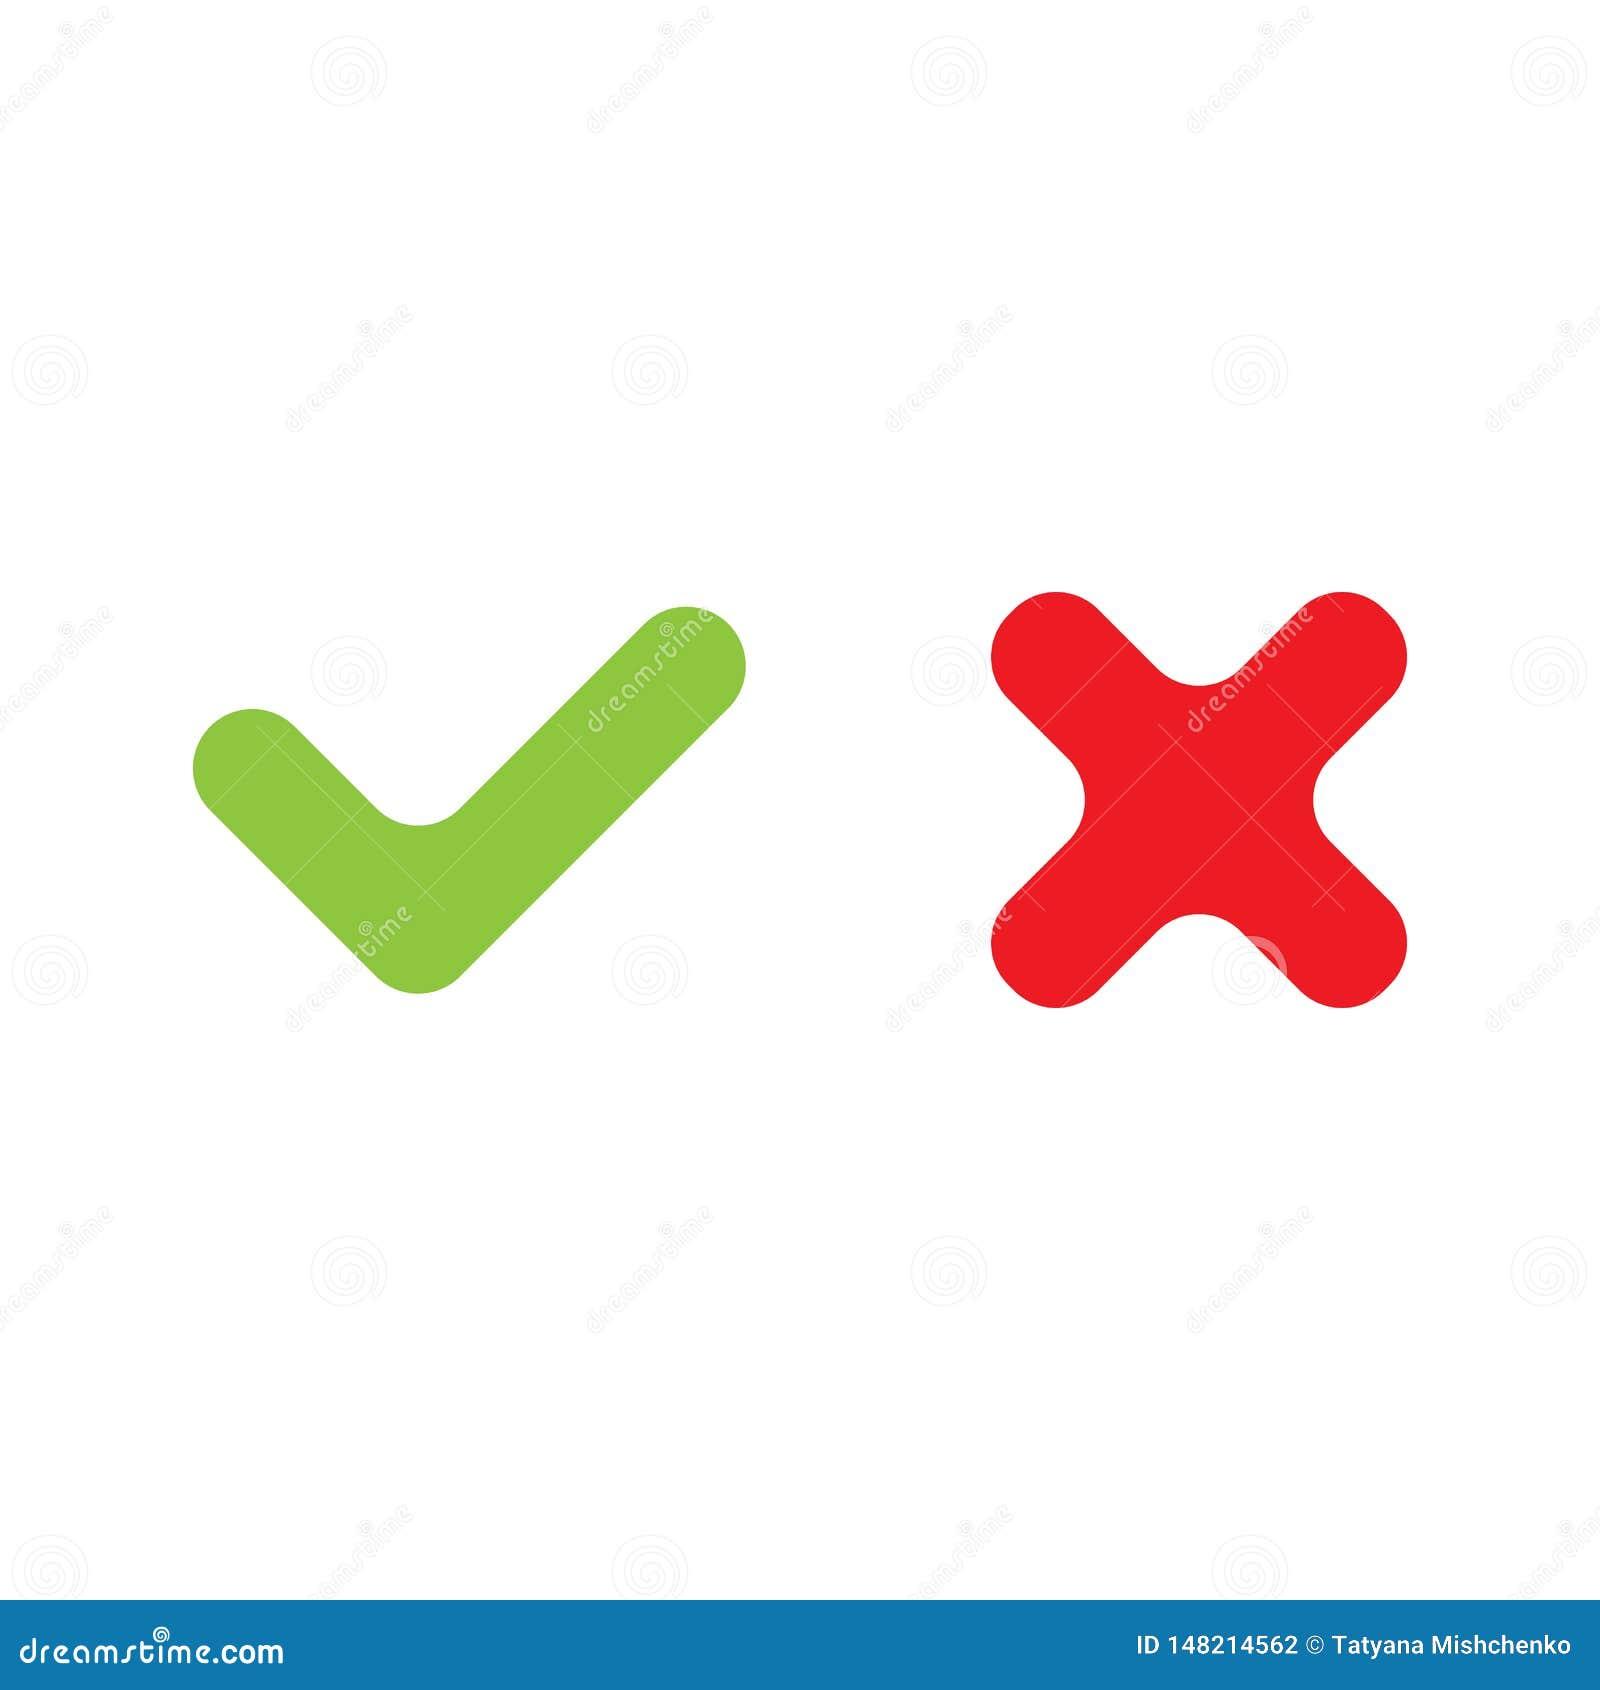 Marca direita e errada do vetor de verifica??o